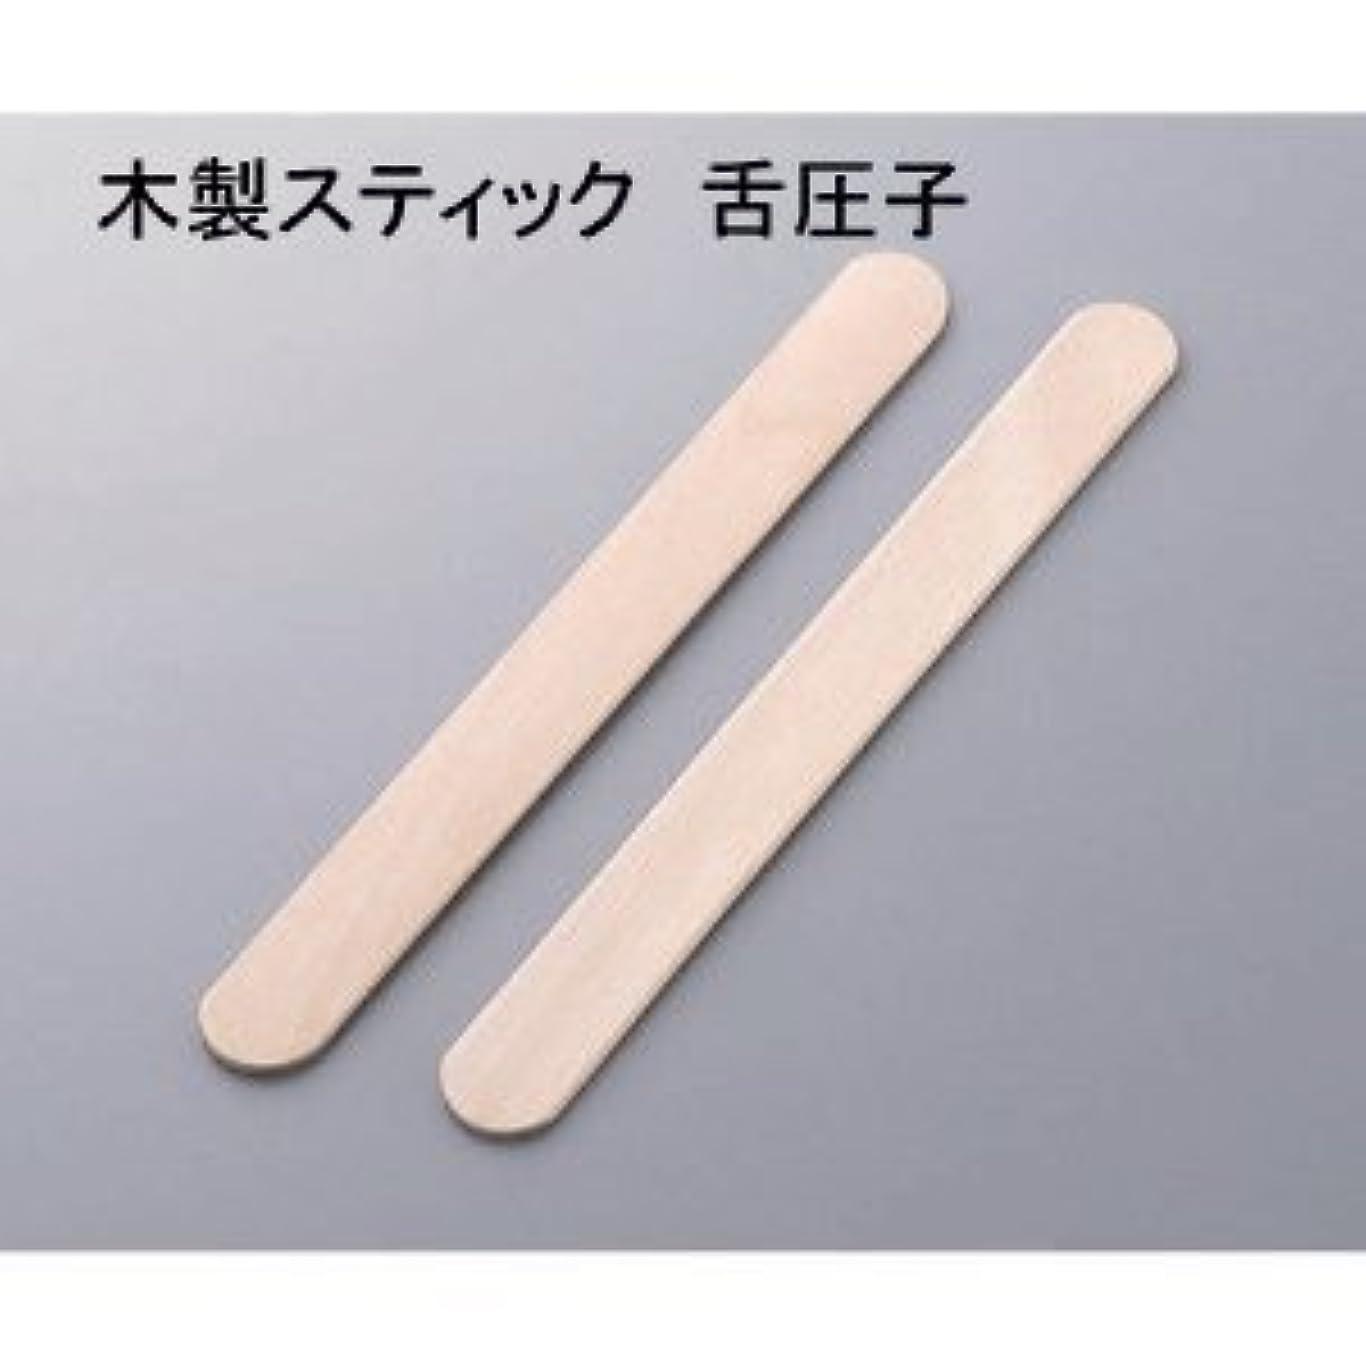 栄光バー日木製舌圧子150mm スパチュラ 脱毛 ハダカ 50本